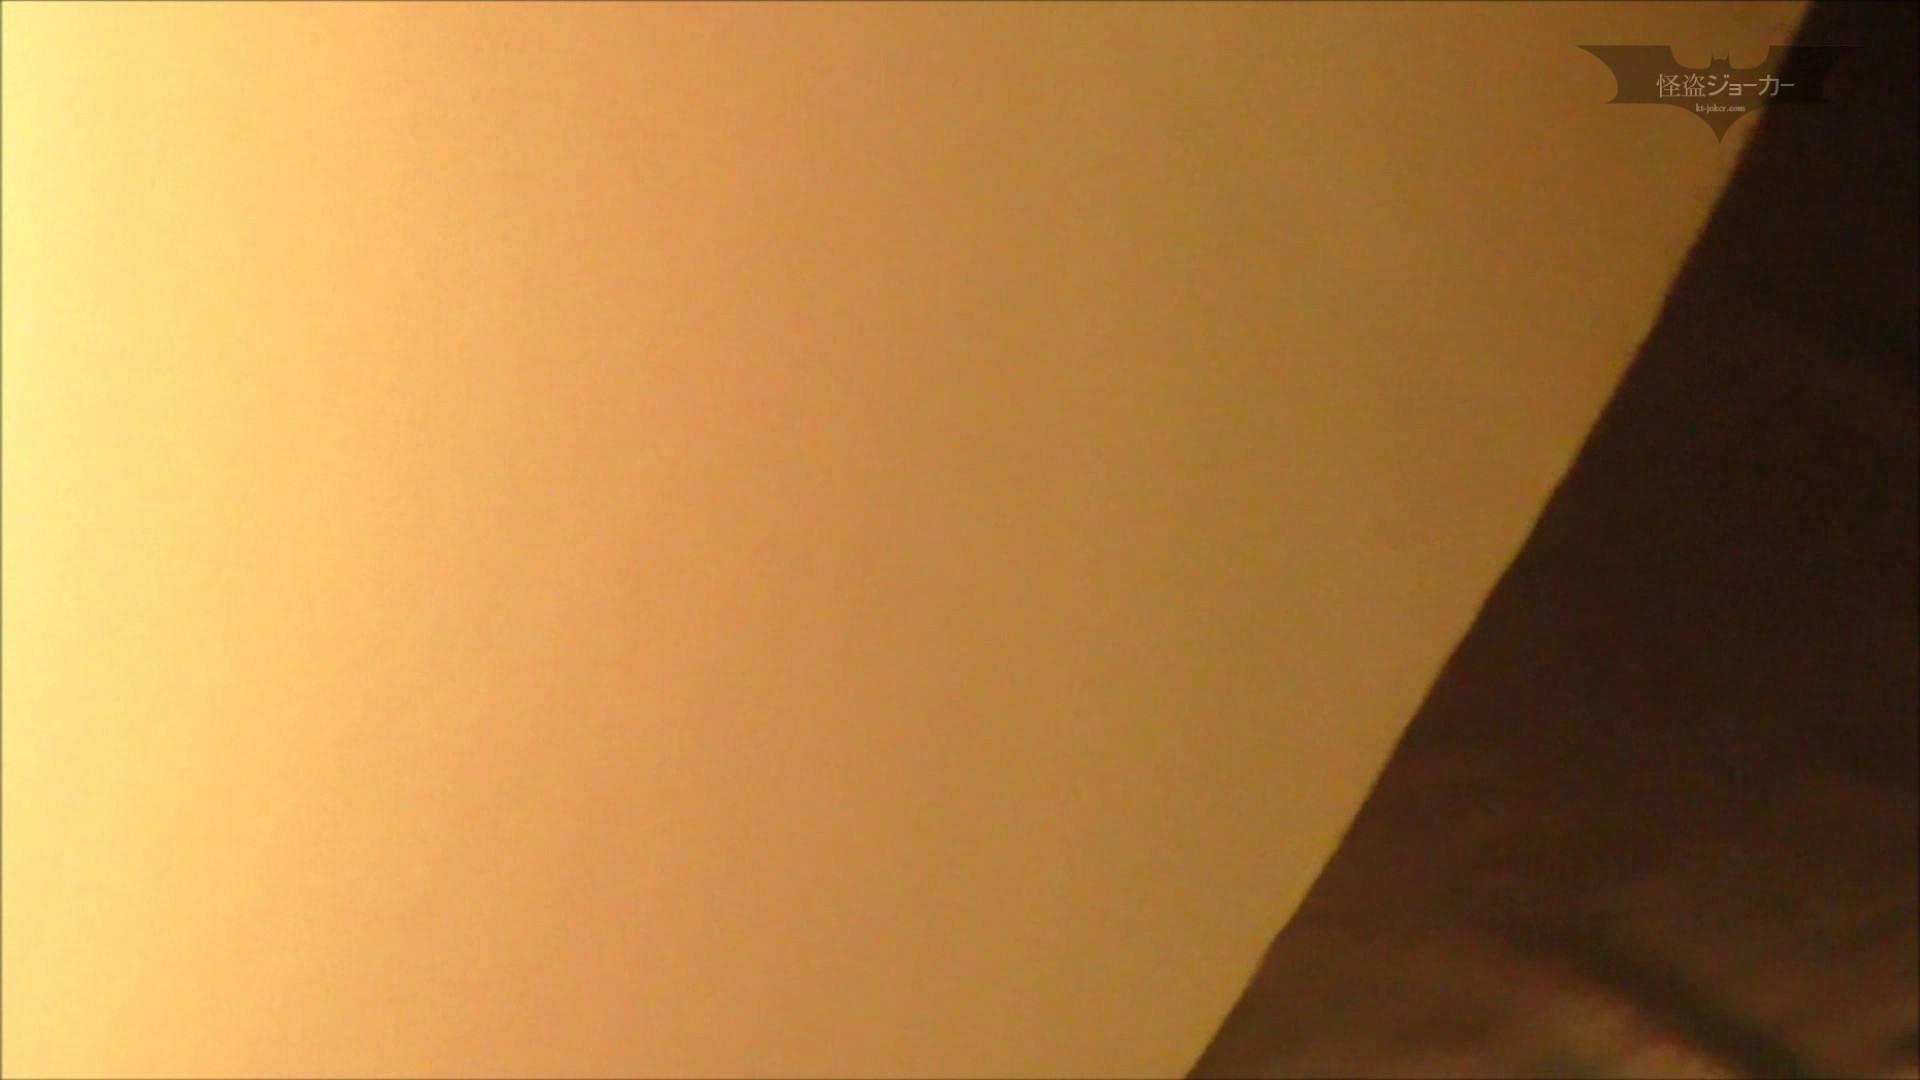 悪戯ネットカフェ Vol.06 若目狙って魔法でGO!! 盗撮で悶絶 ワレメ無修正動画無料 101画像 27